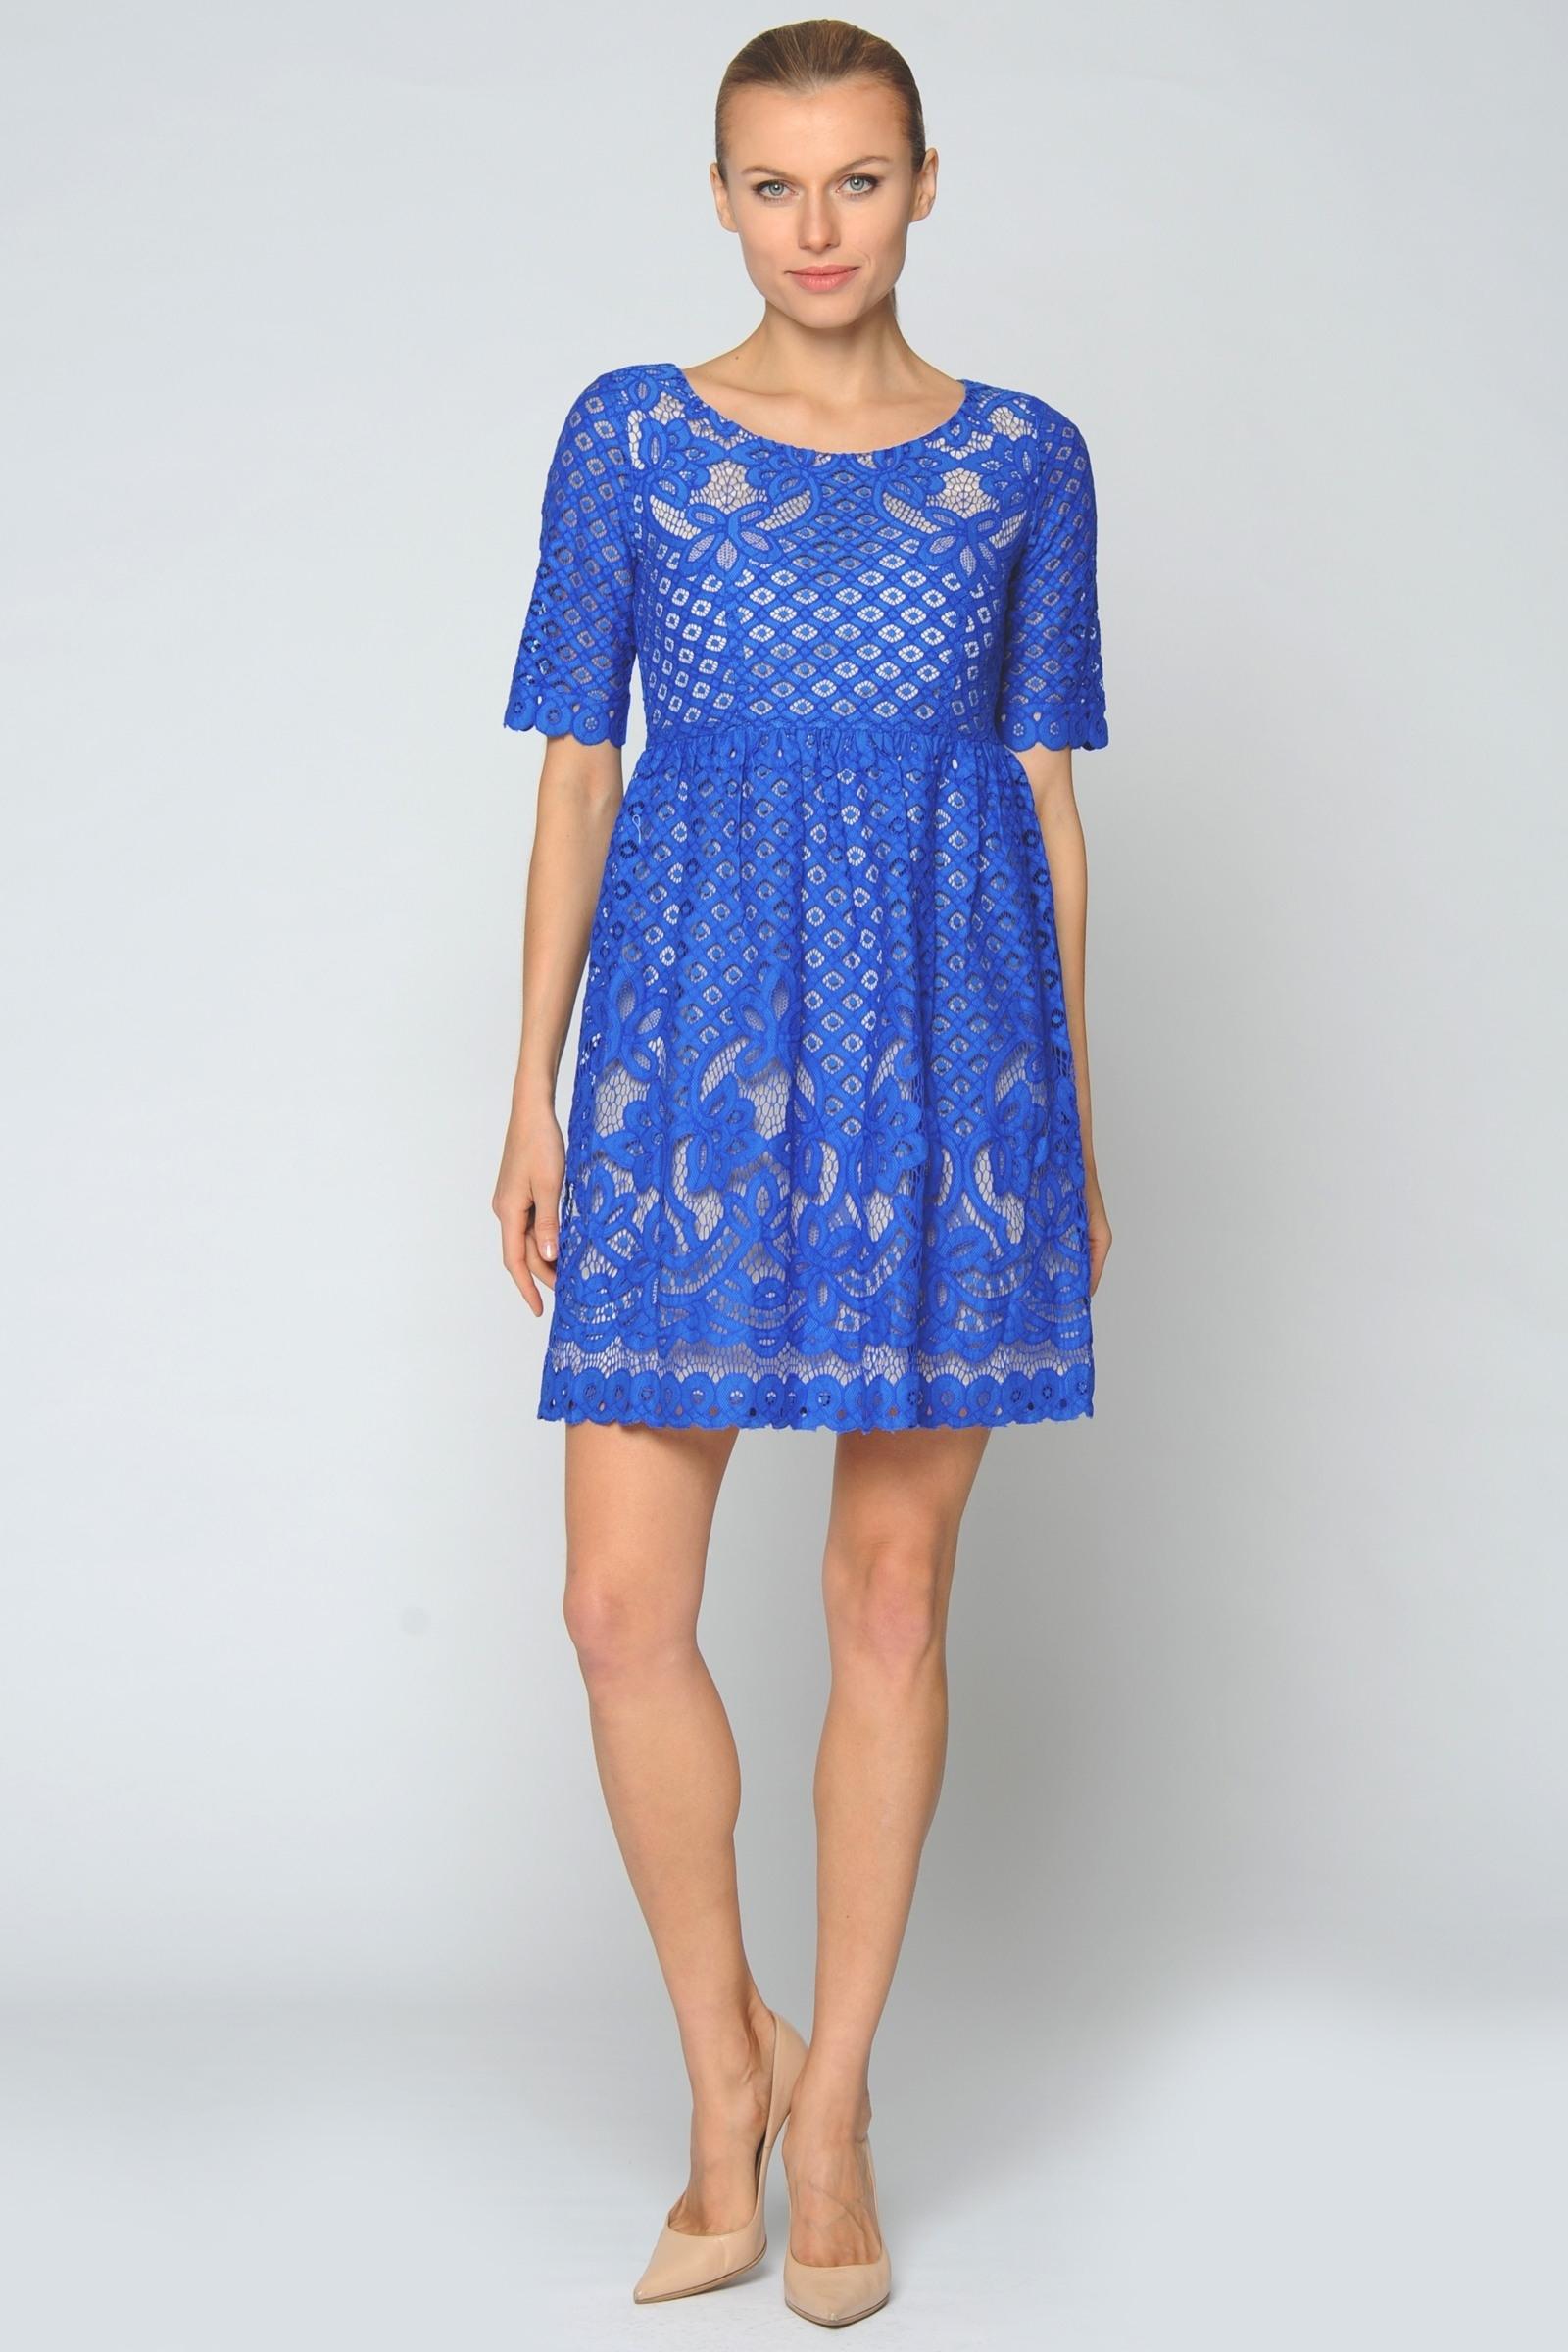 Formal Schön Kleid Blau Mit Spitze BoutiqueFormal Ausgezeichnet Kleid Blau Mit Spitze Design